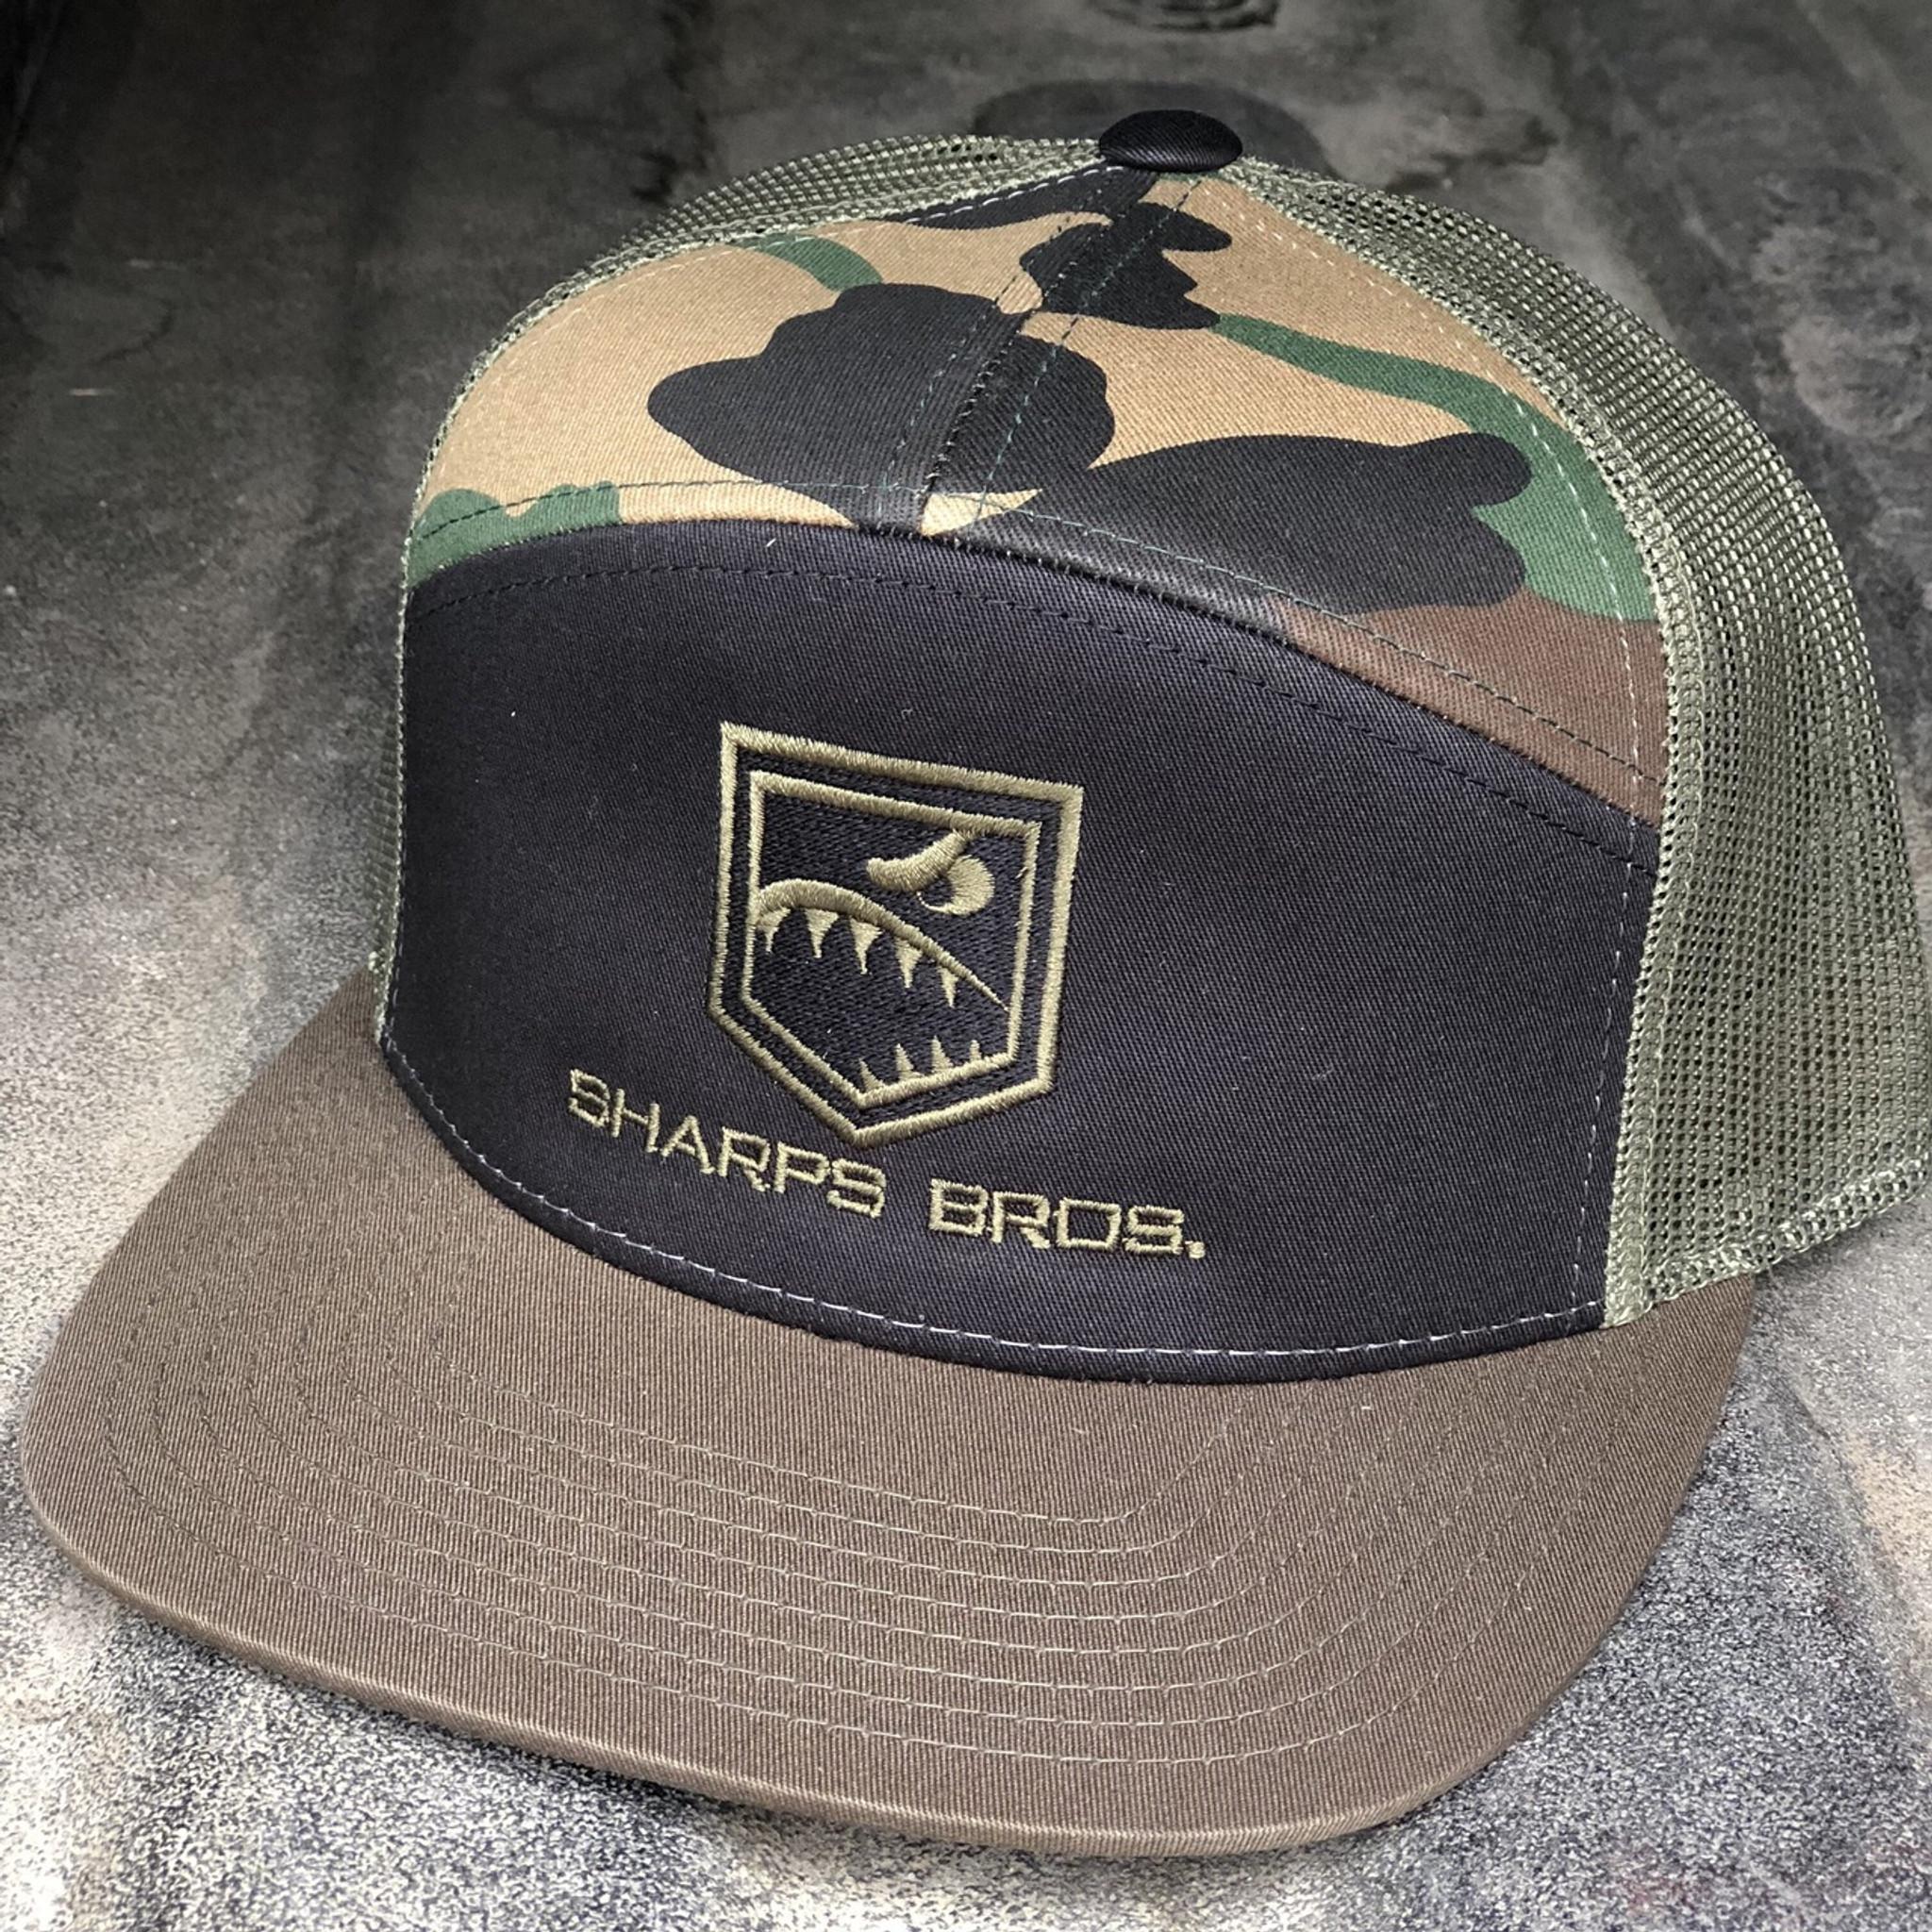 Hat (Black Green Camo) - Flat Bill - SHARPS BROS 24f0c1dcd5f